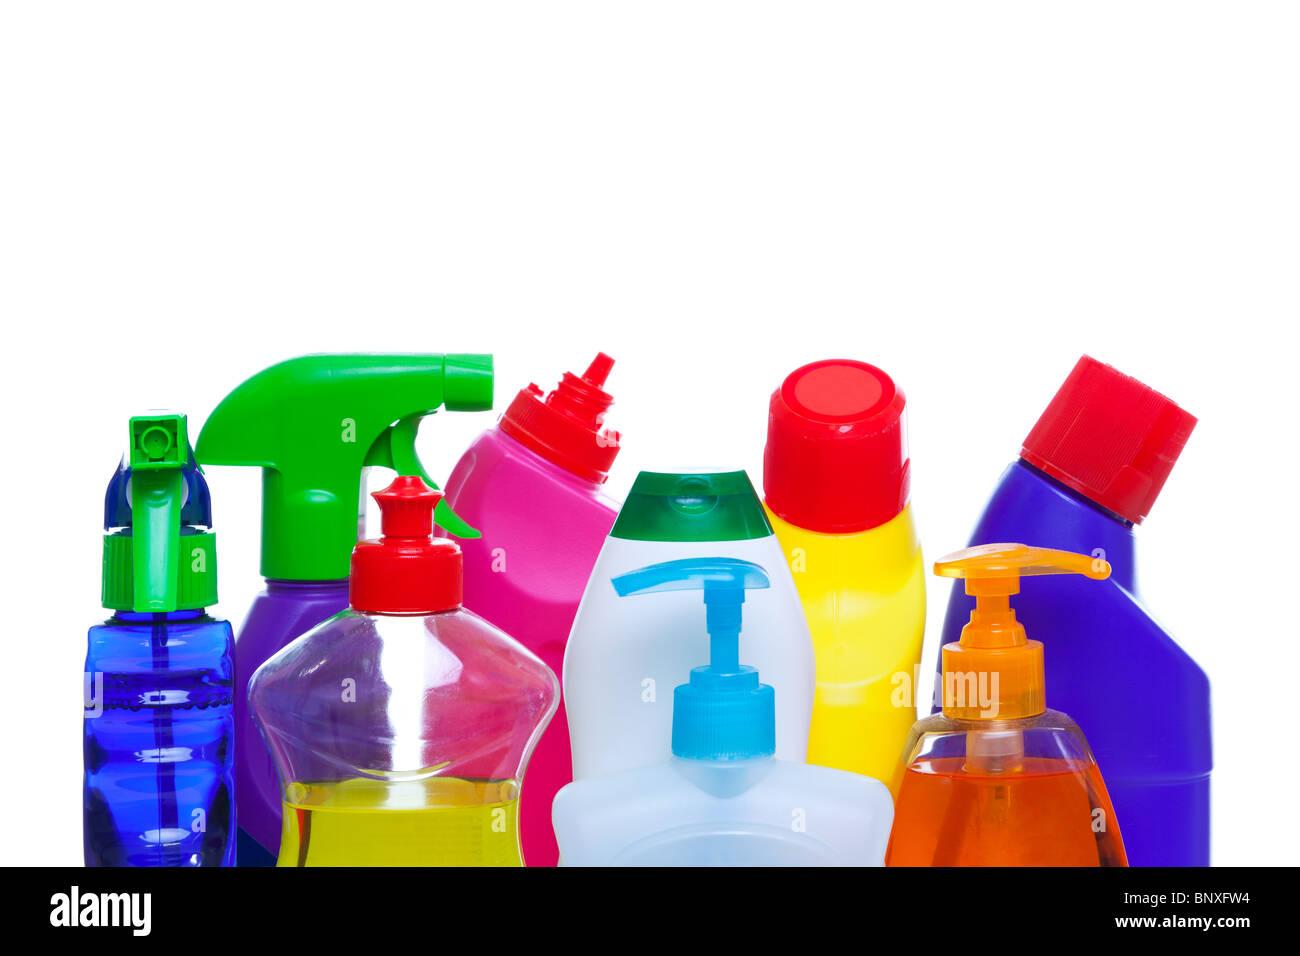 Photo des bouteilles de produits chimiques de nettoyage isoalted sur fond blanc. Photo Stock